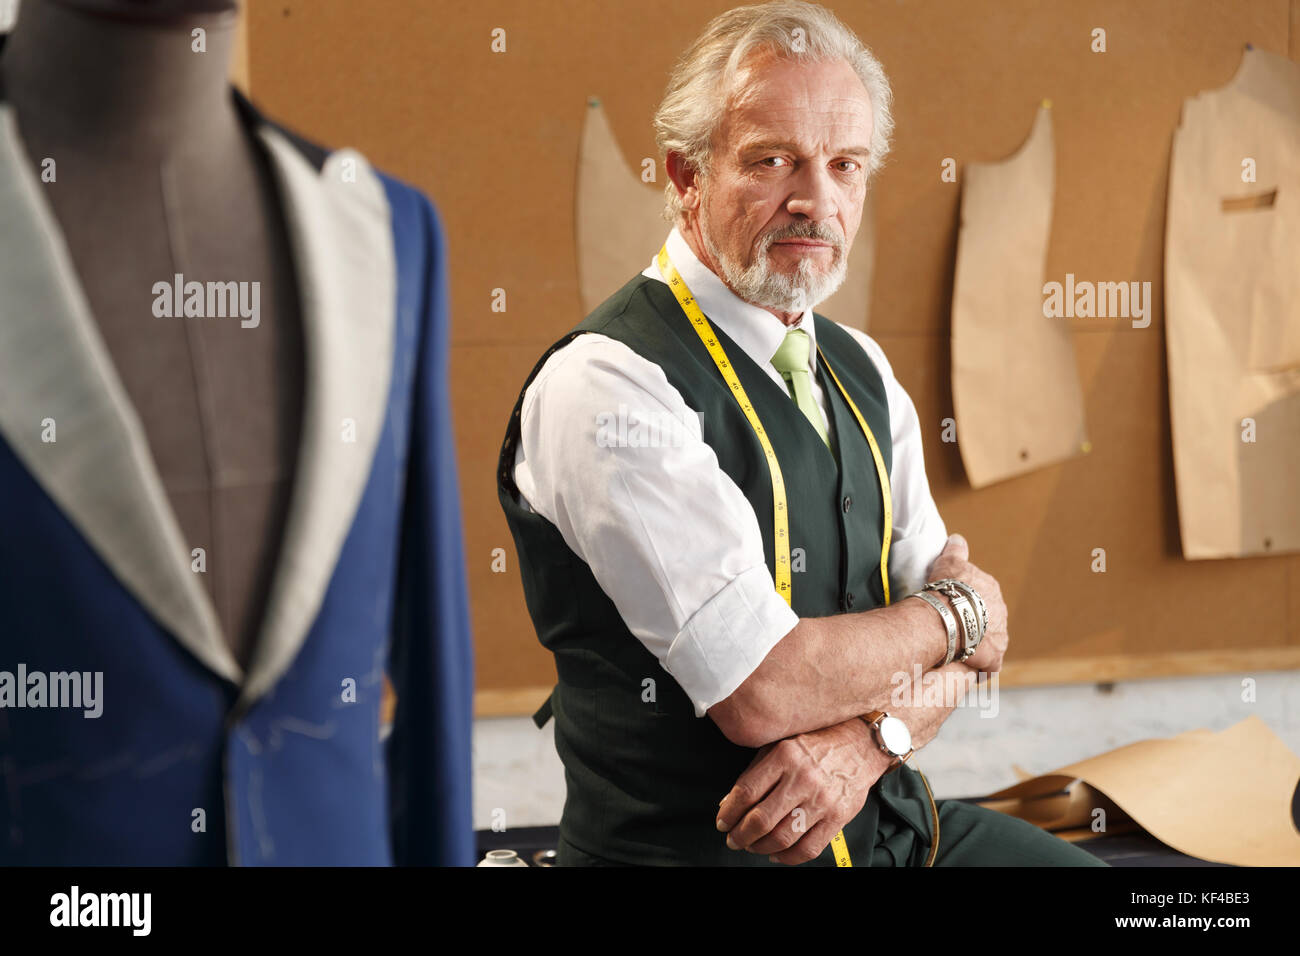 An authoritative fashion designer - Stock Image